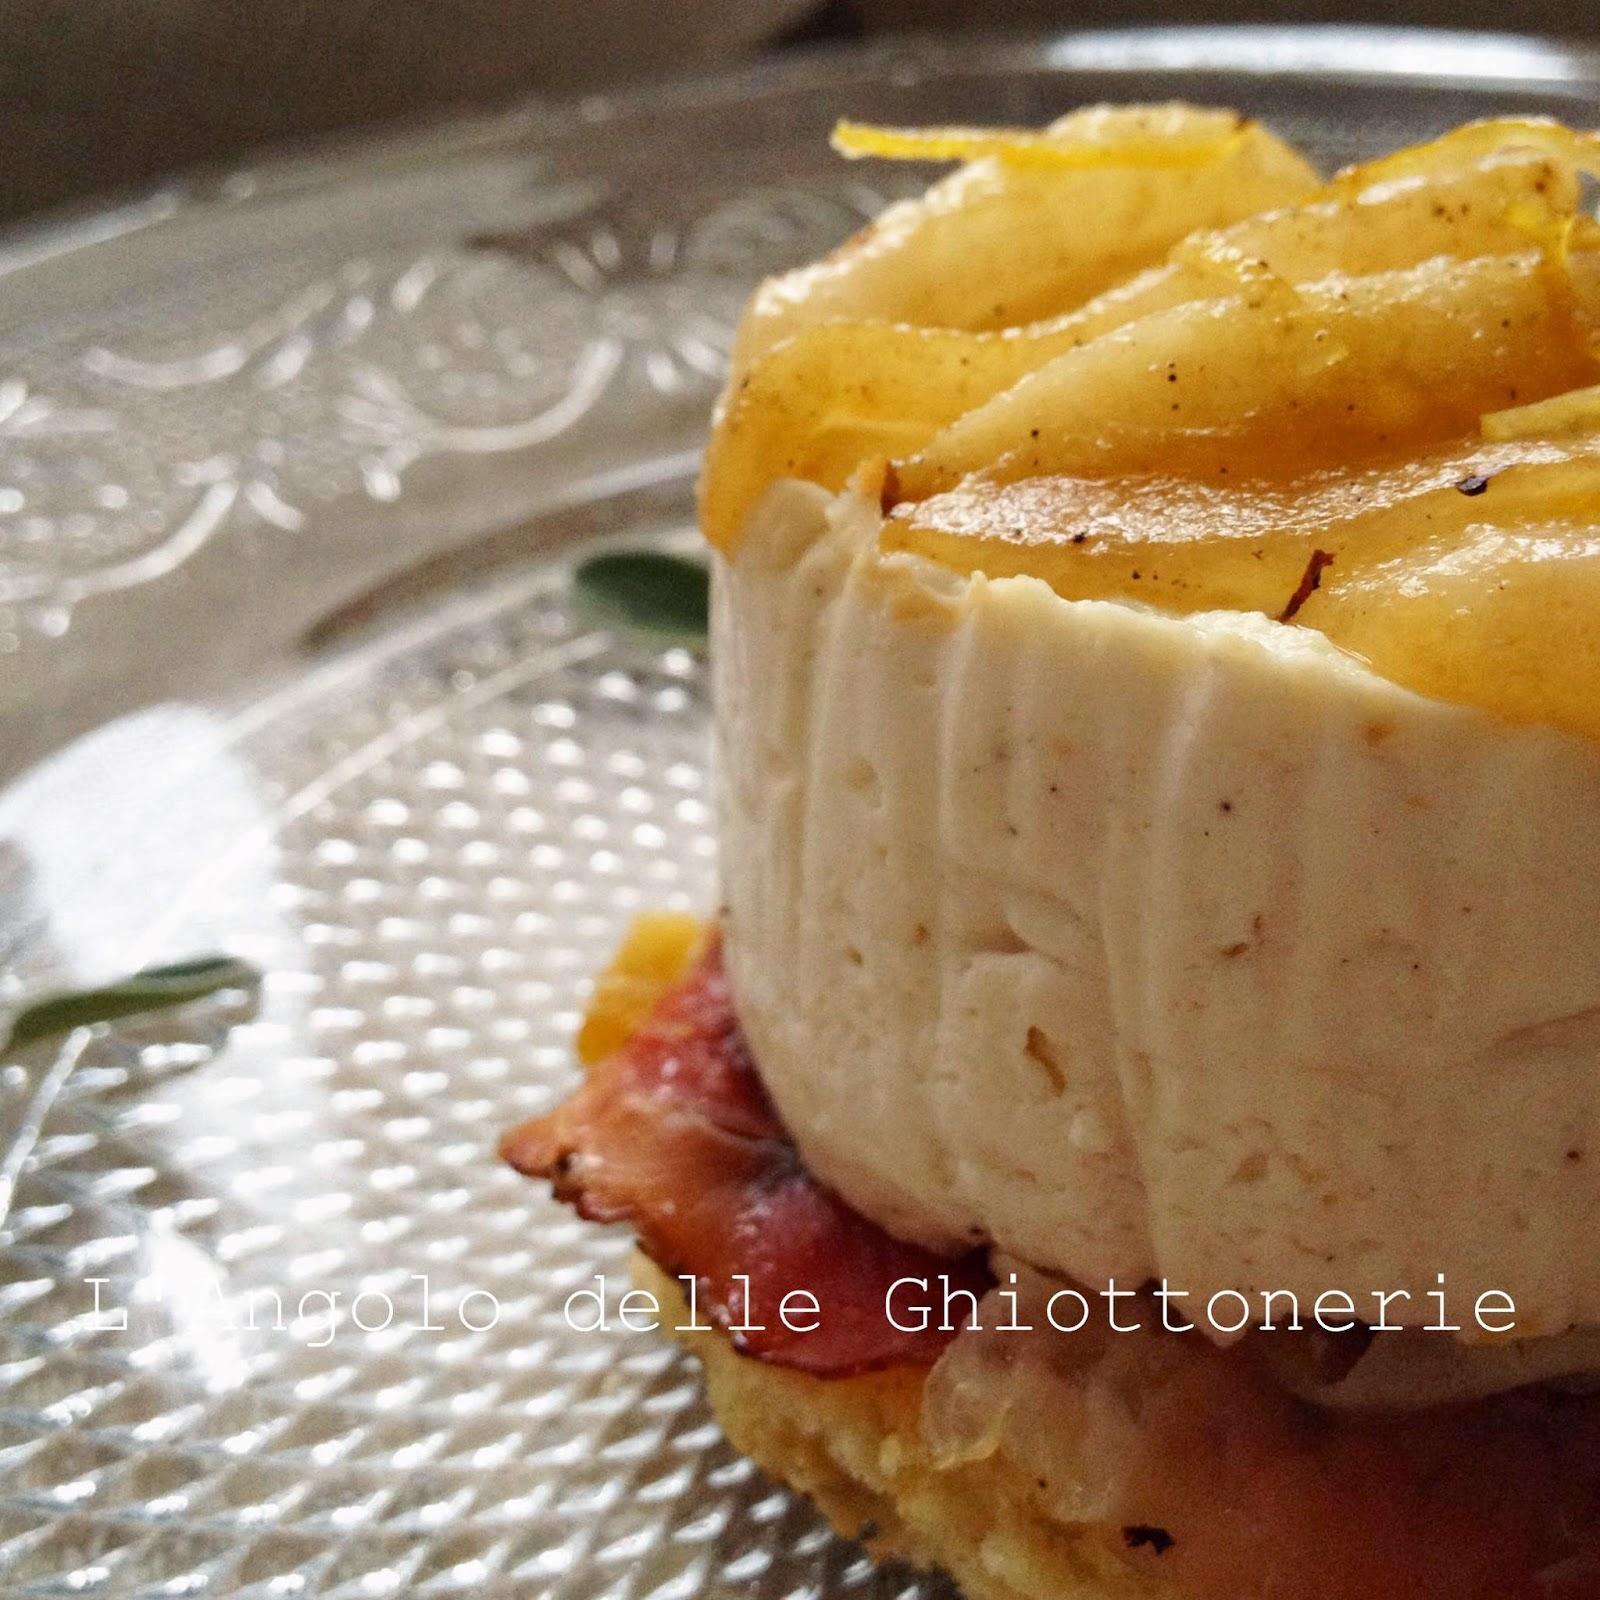 mini-cake salato alla ricotta, panettone e speck croccante con pere angelys caramellate al limone e alla salvia